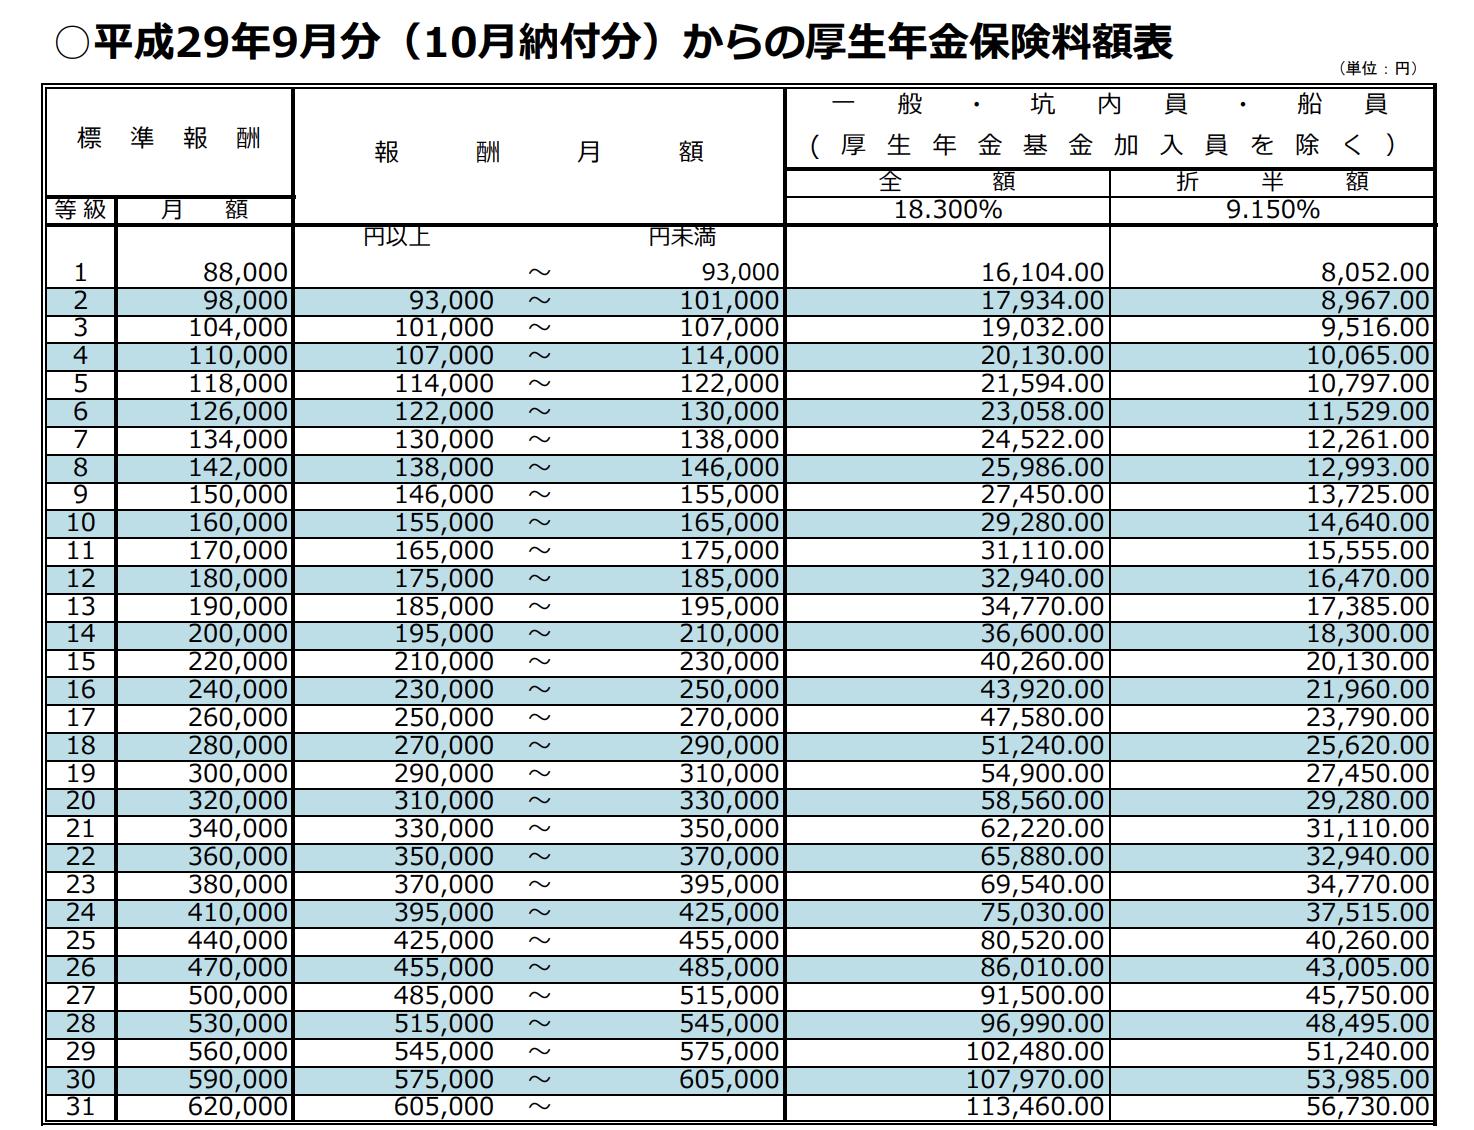 日本年金機構「保険料額表」